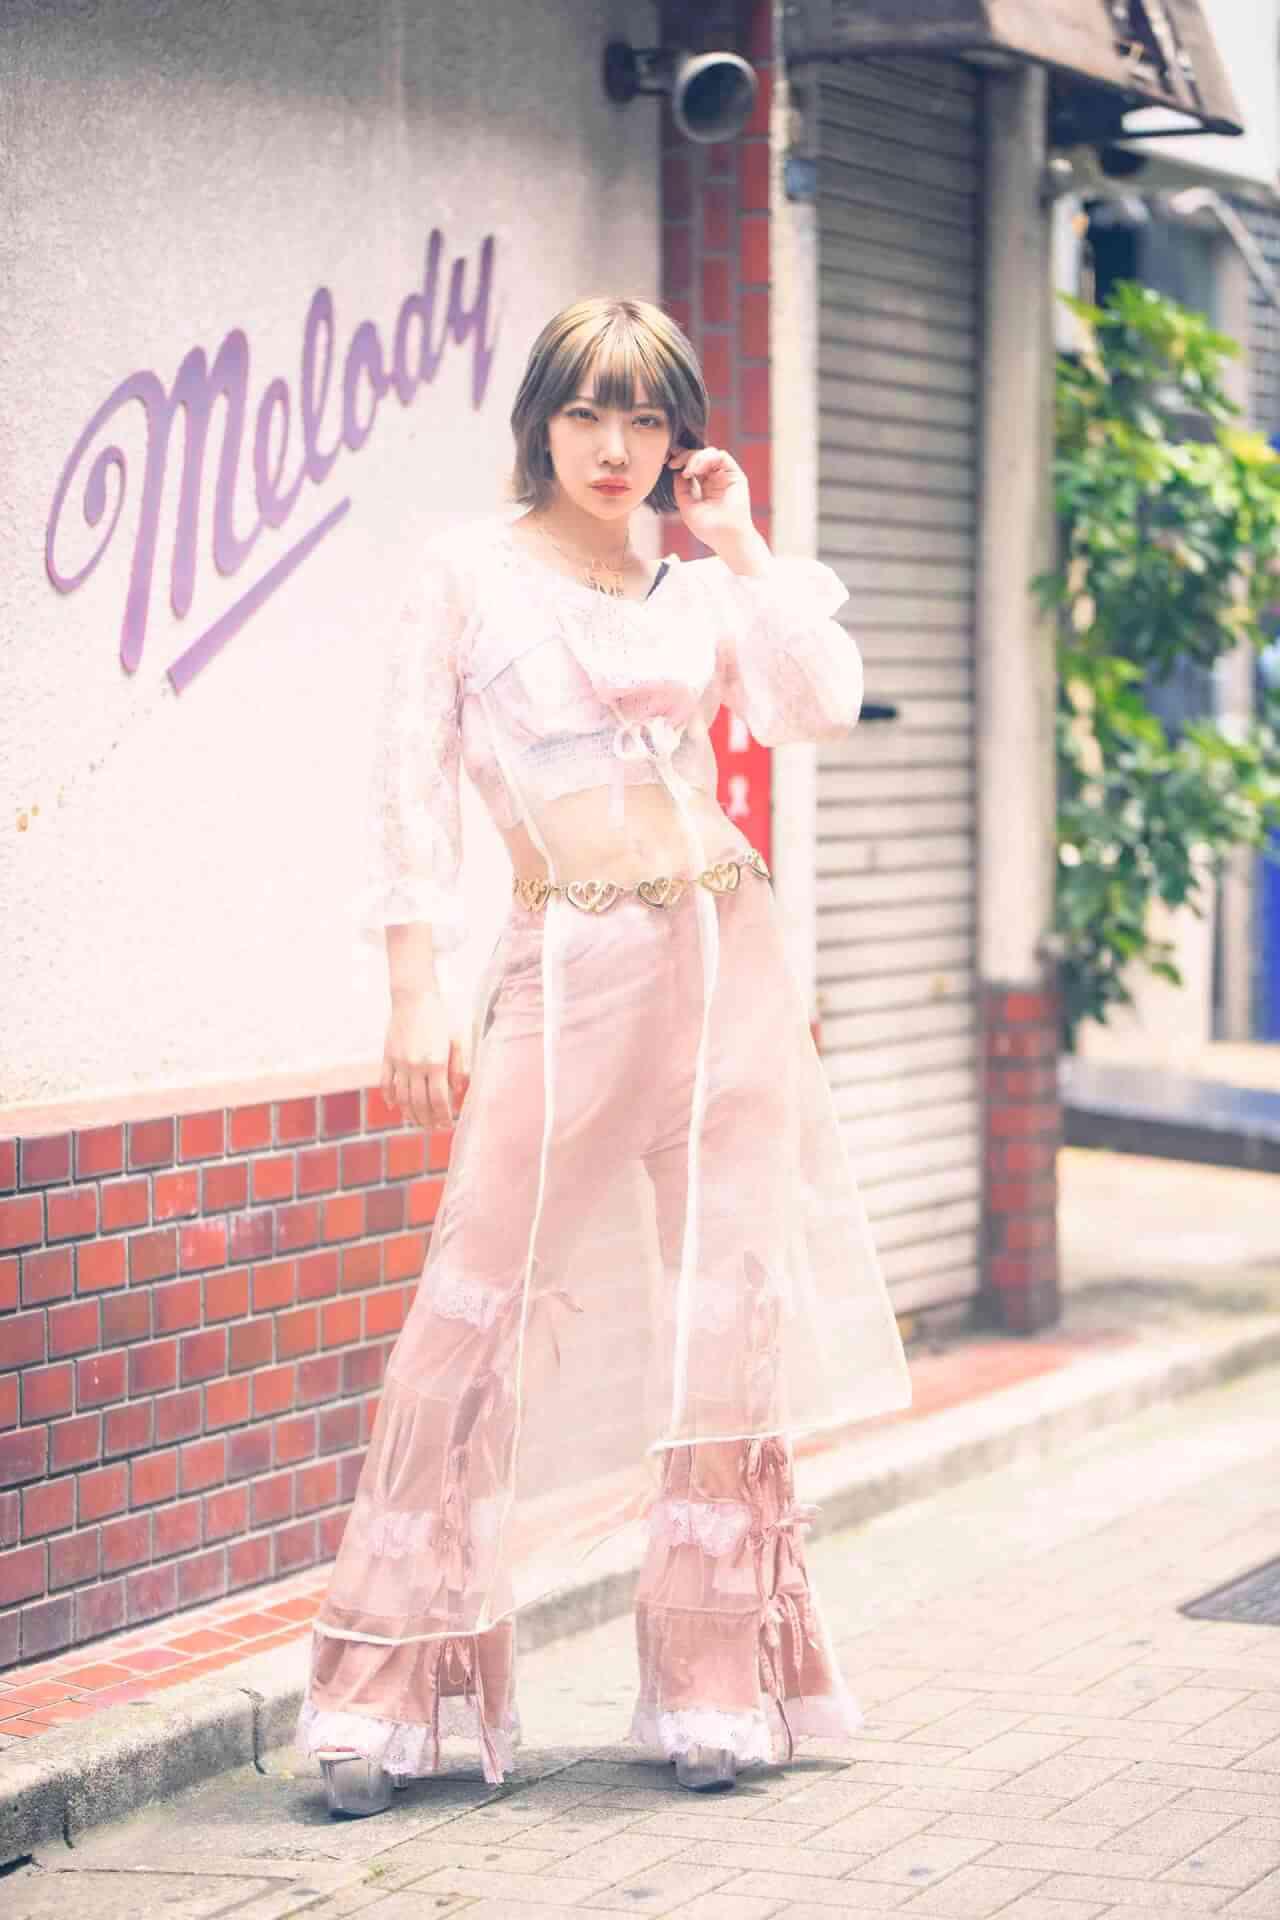 かてぃのファッションドキュメンタリーブック『ファッションカルト』の誌面カットが到着! lifefashion_katy_5